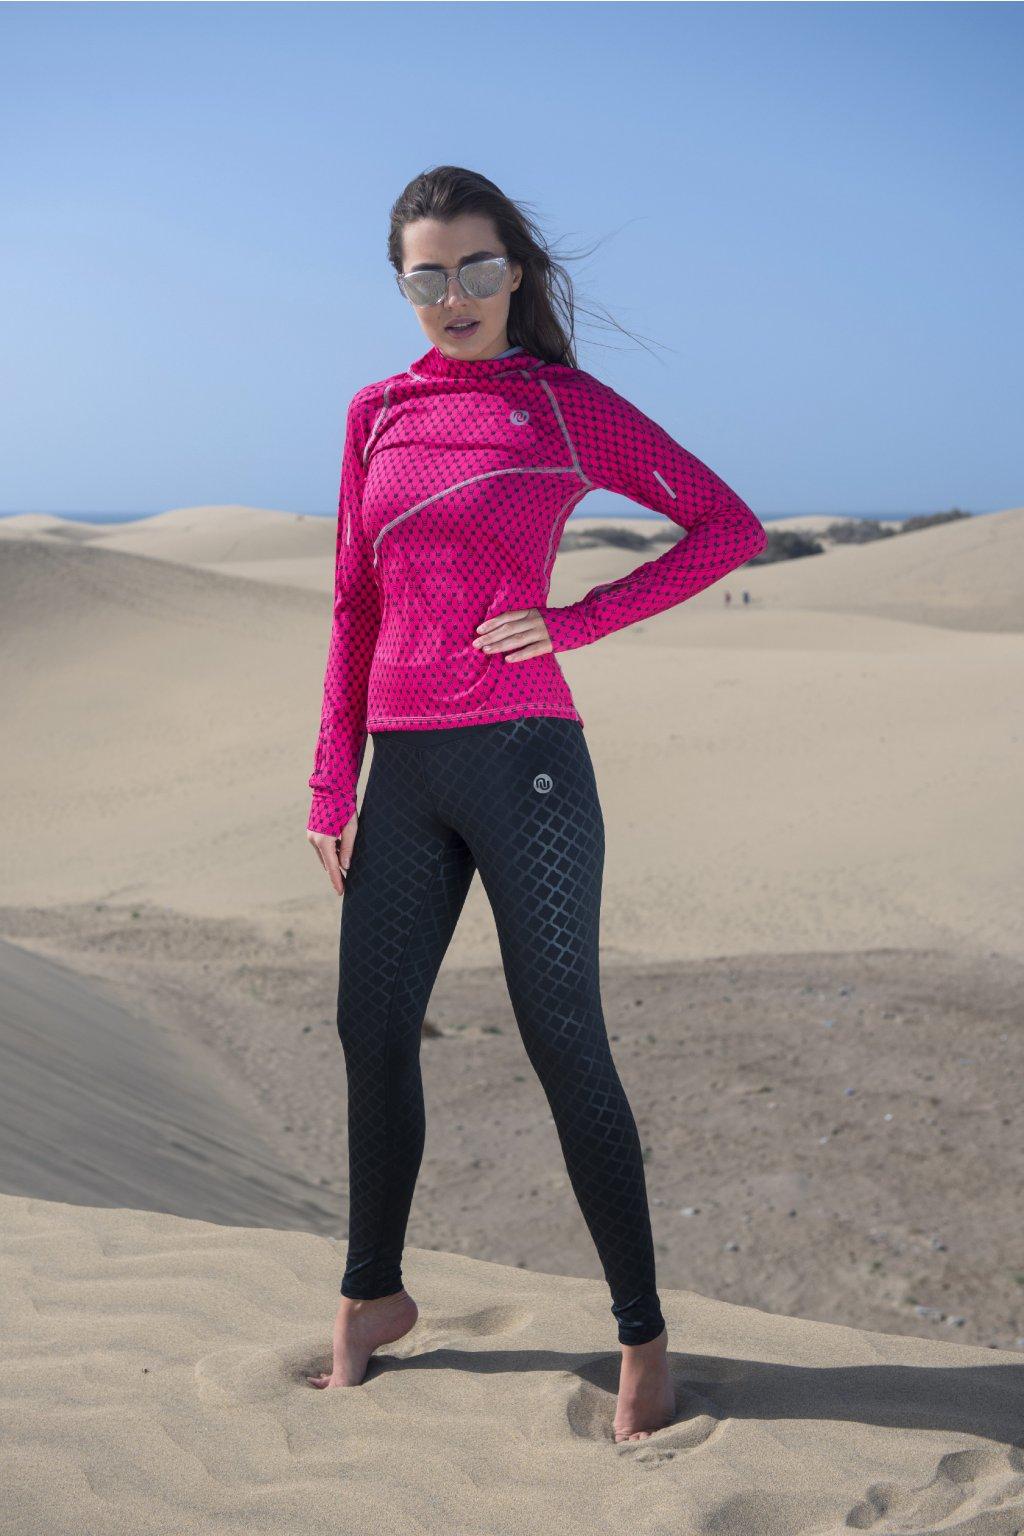 f7f28880b Dámské běžecké oblečení